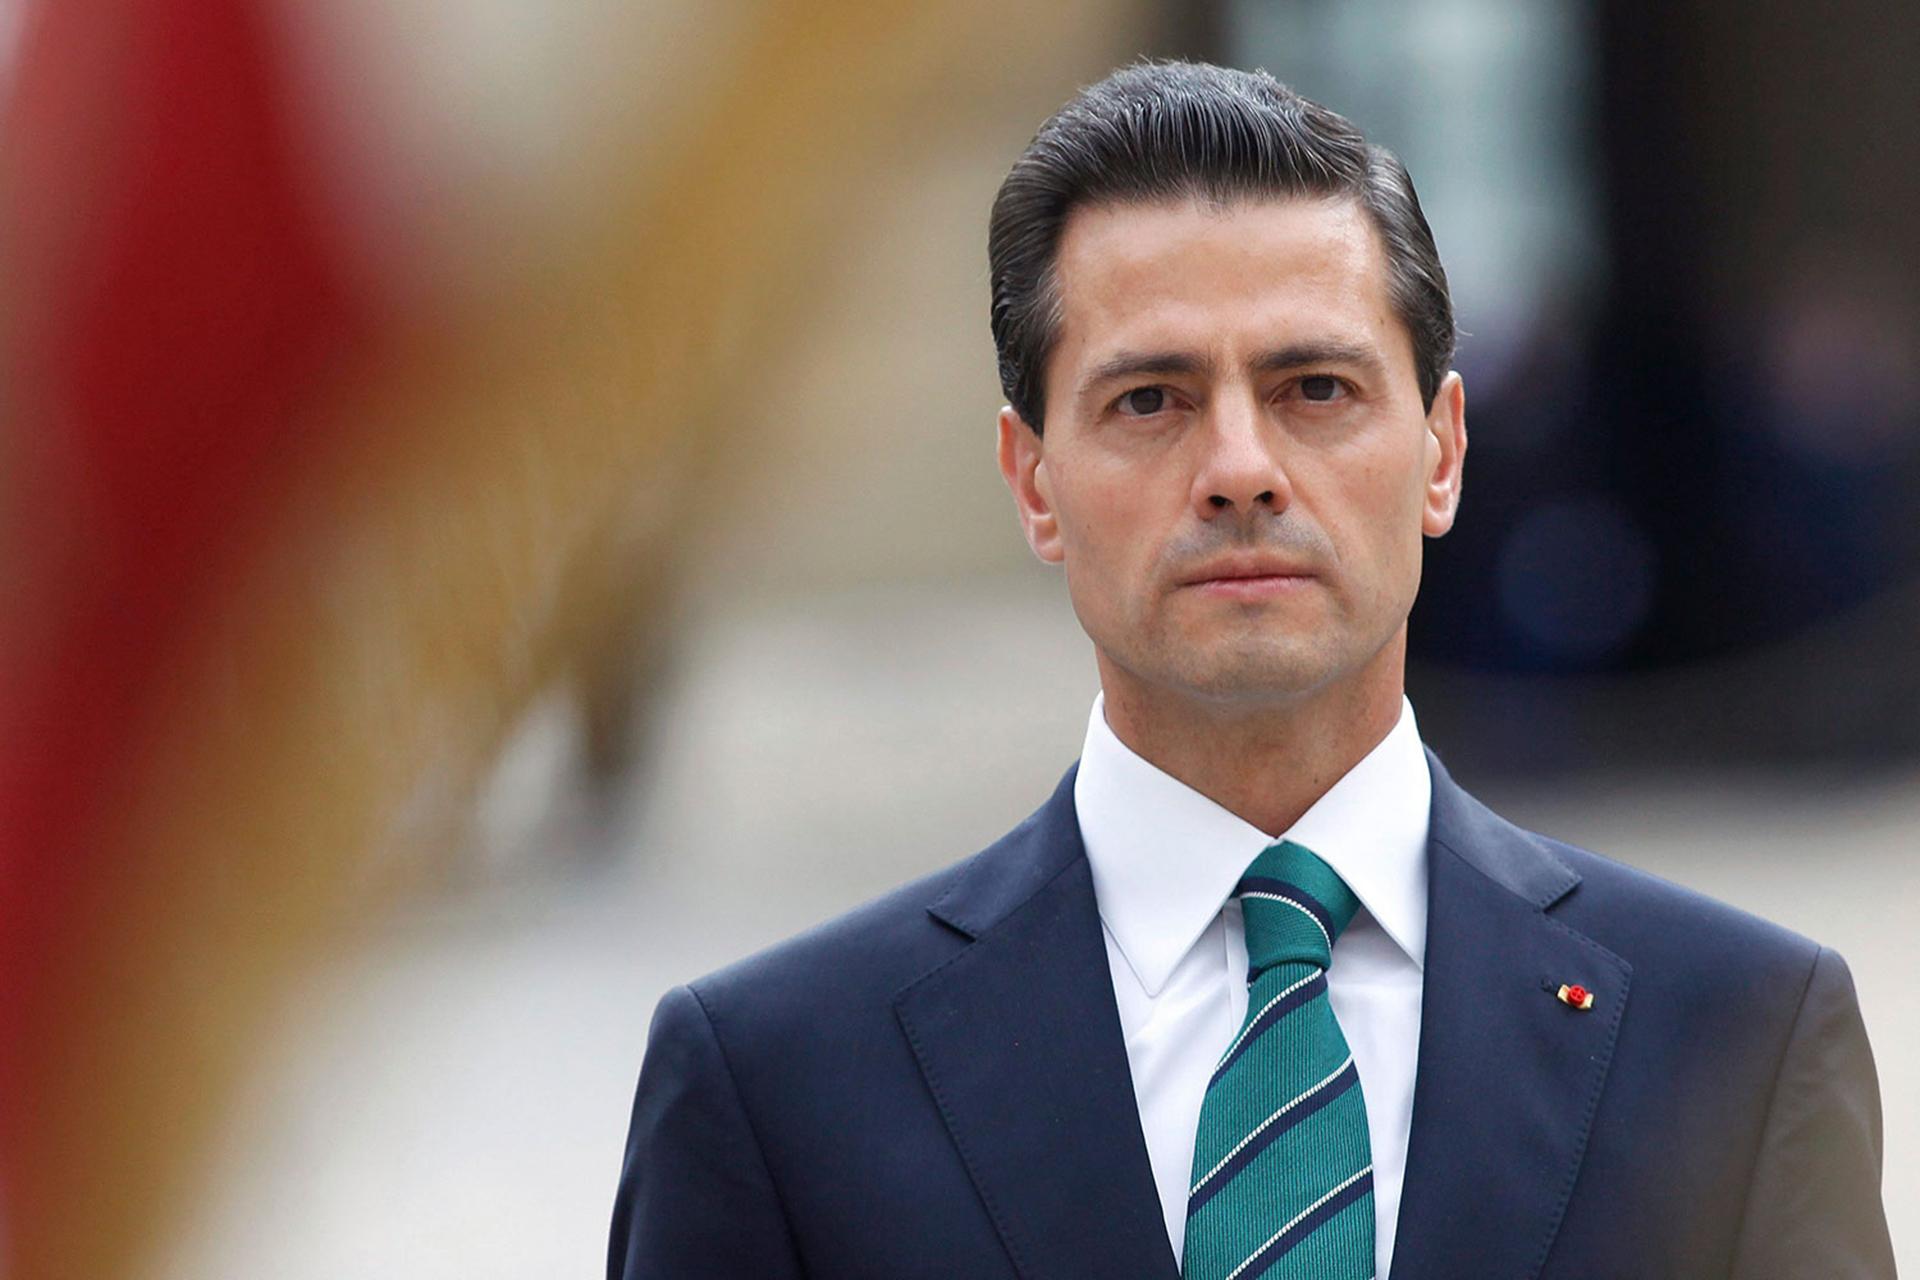 Durante la gestión de Enrique Peña Nieto, los Zetas perdieron poder y territorio en México